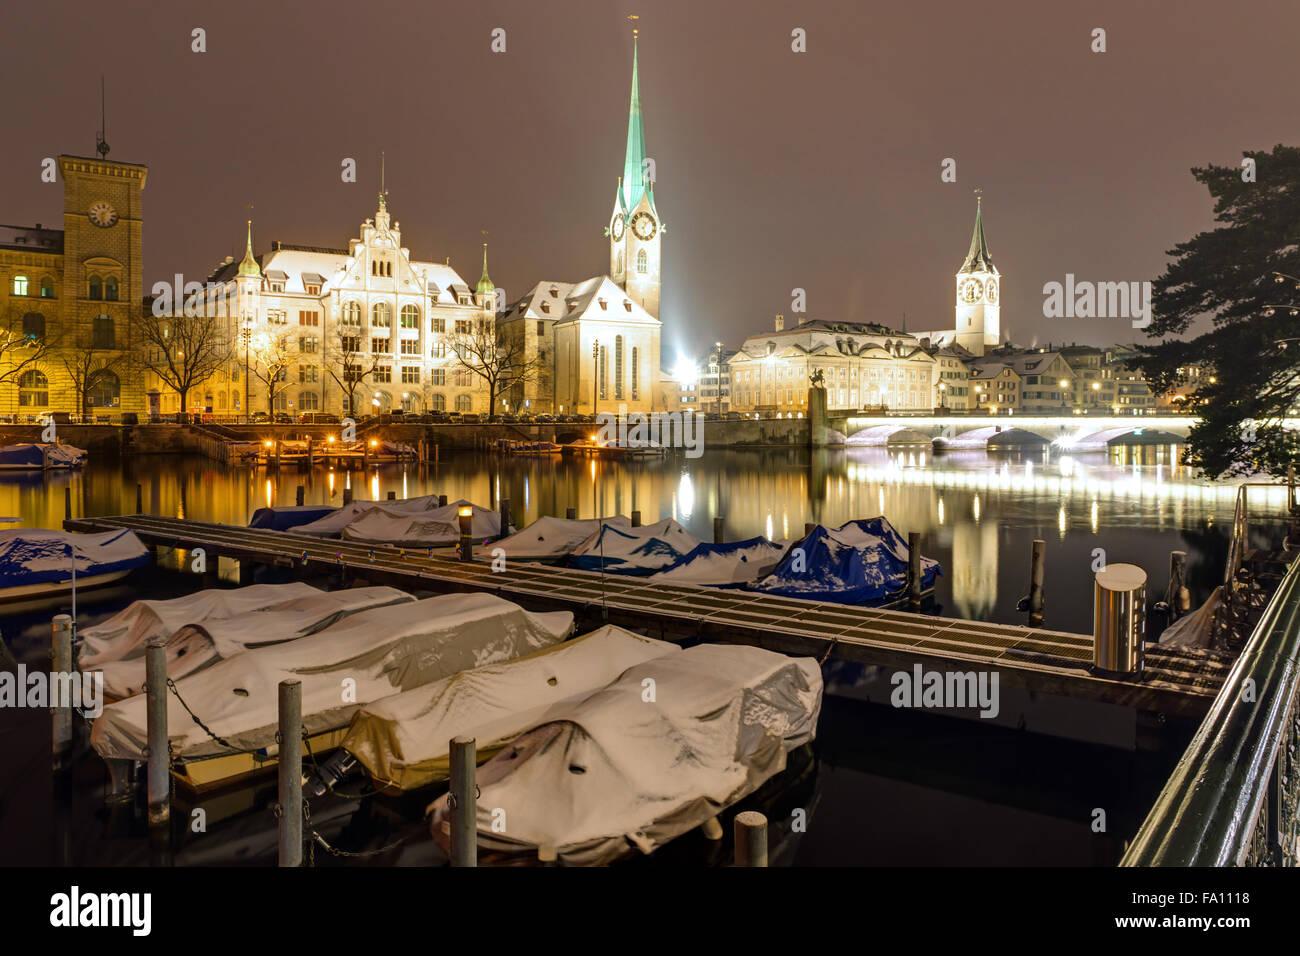 Zurigo e la Limmat in una sera d'inverno Immagini Stock